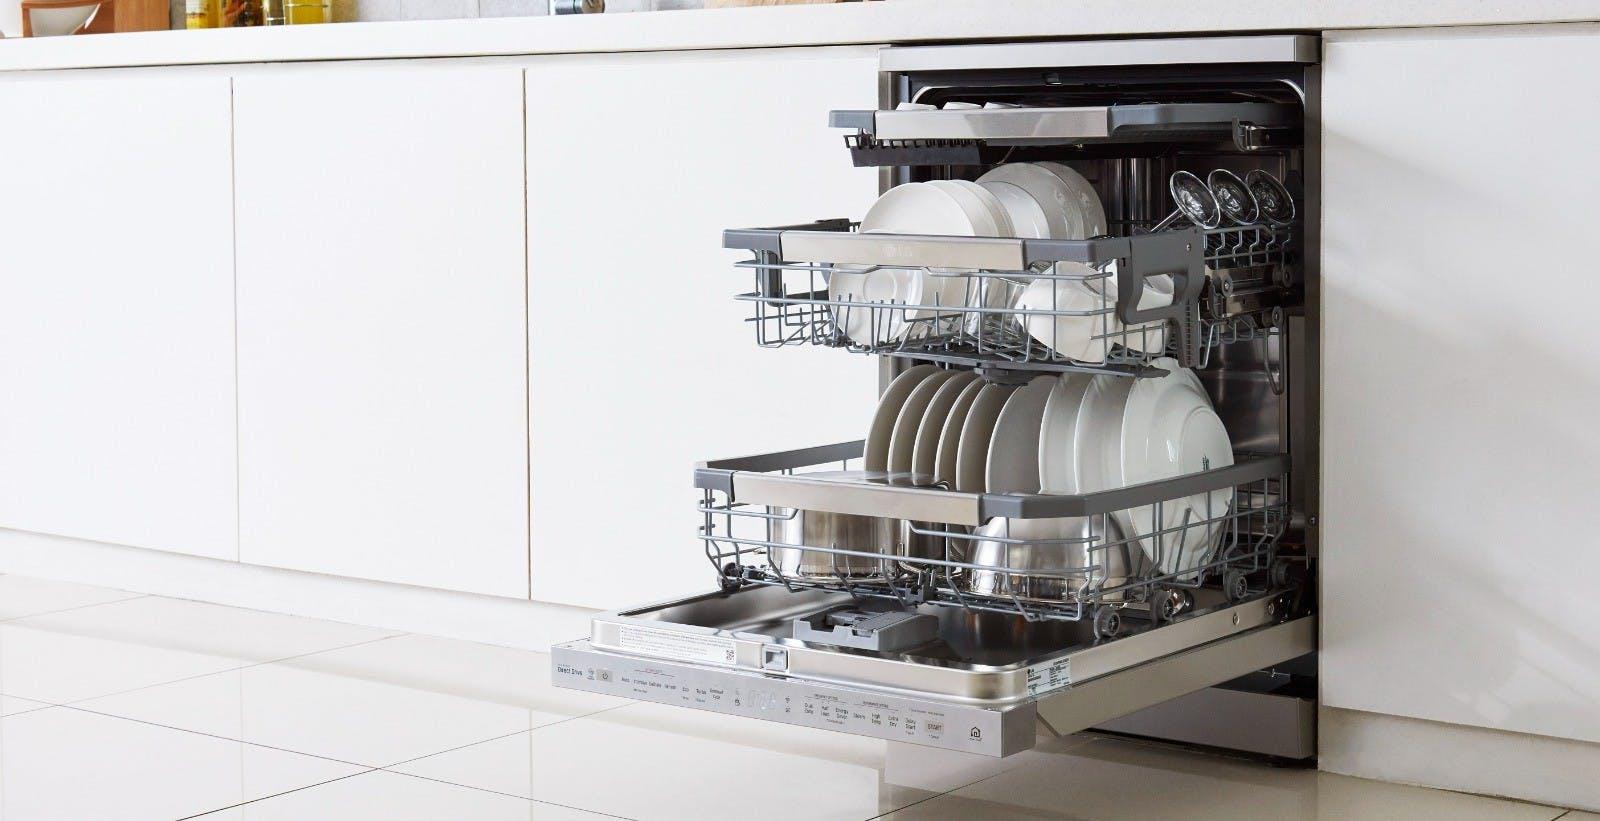 Le lavastoviglie LG debuttano in Italia: presentata la gamma QuadWash